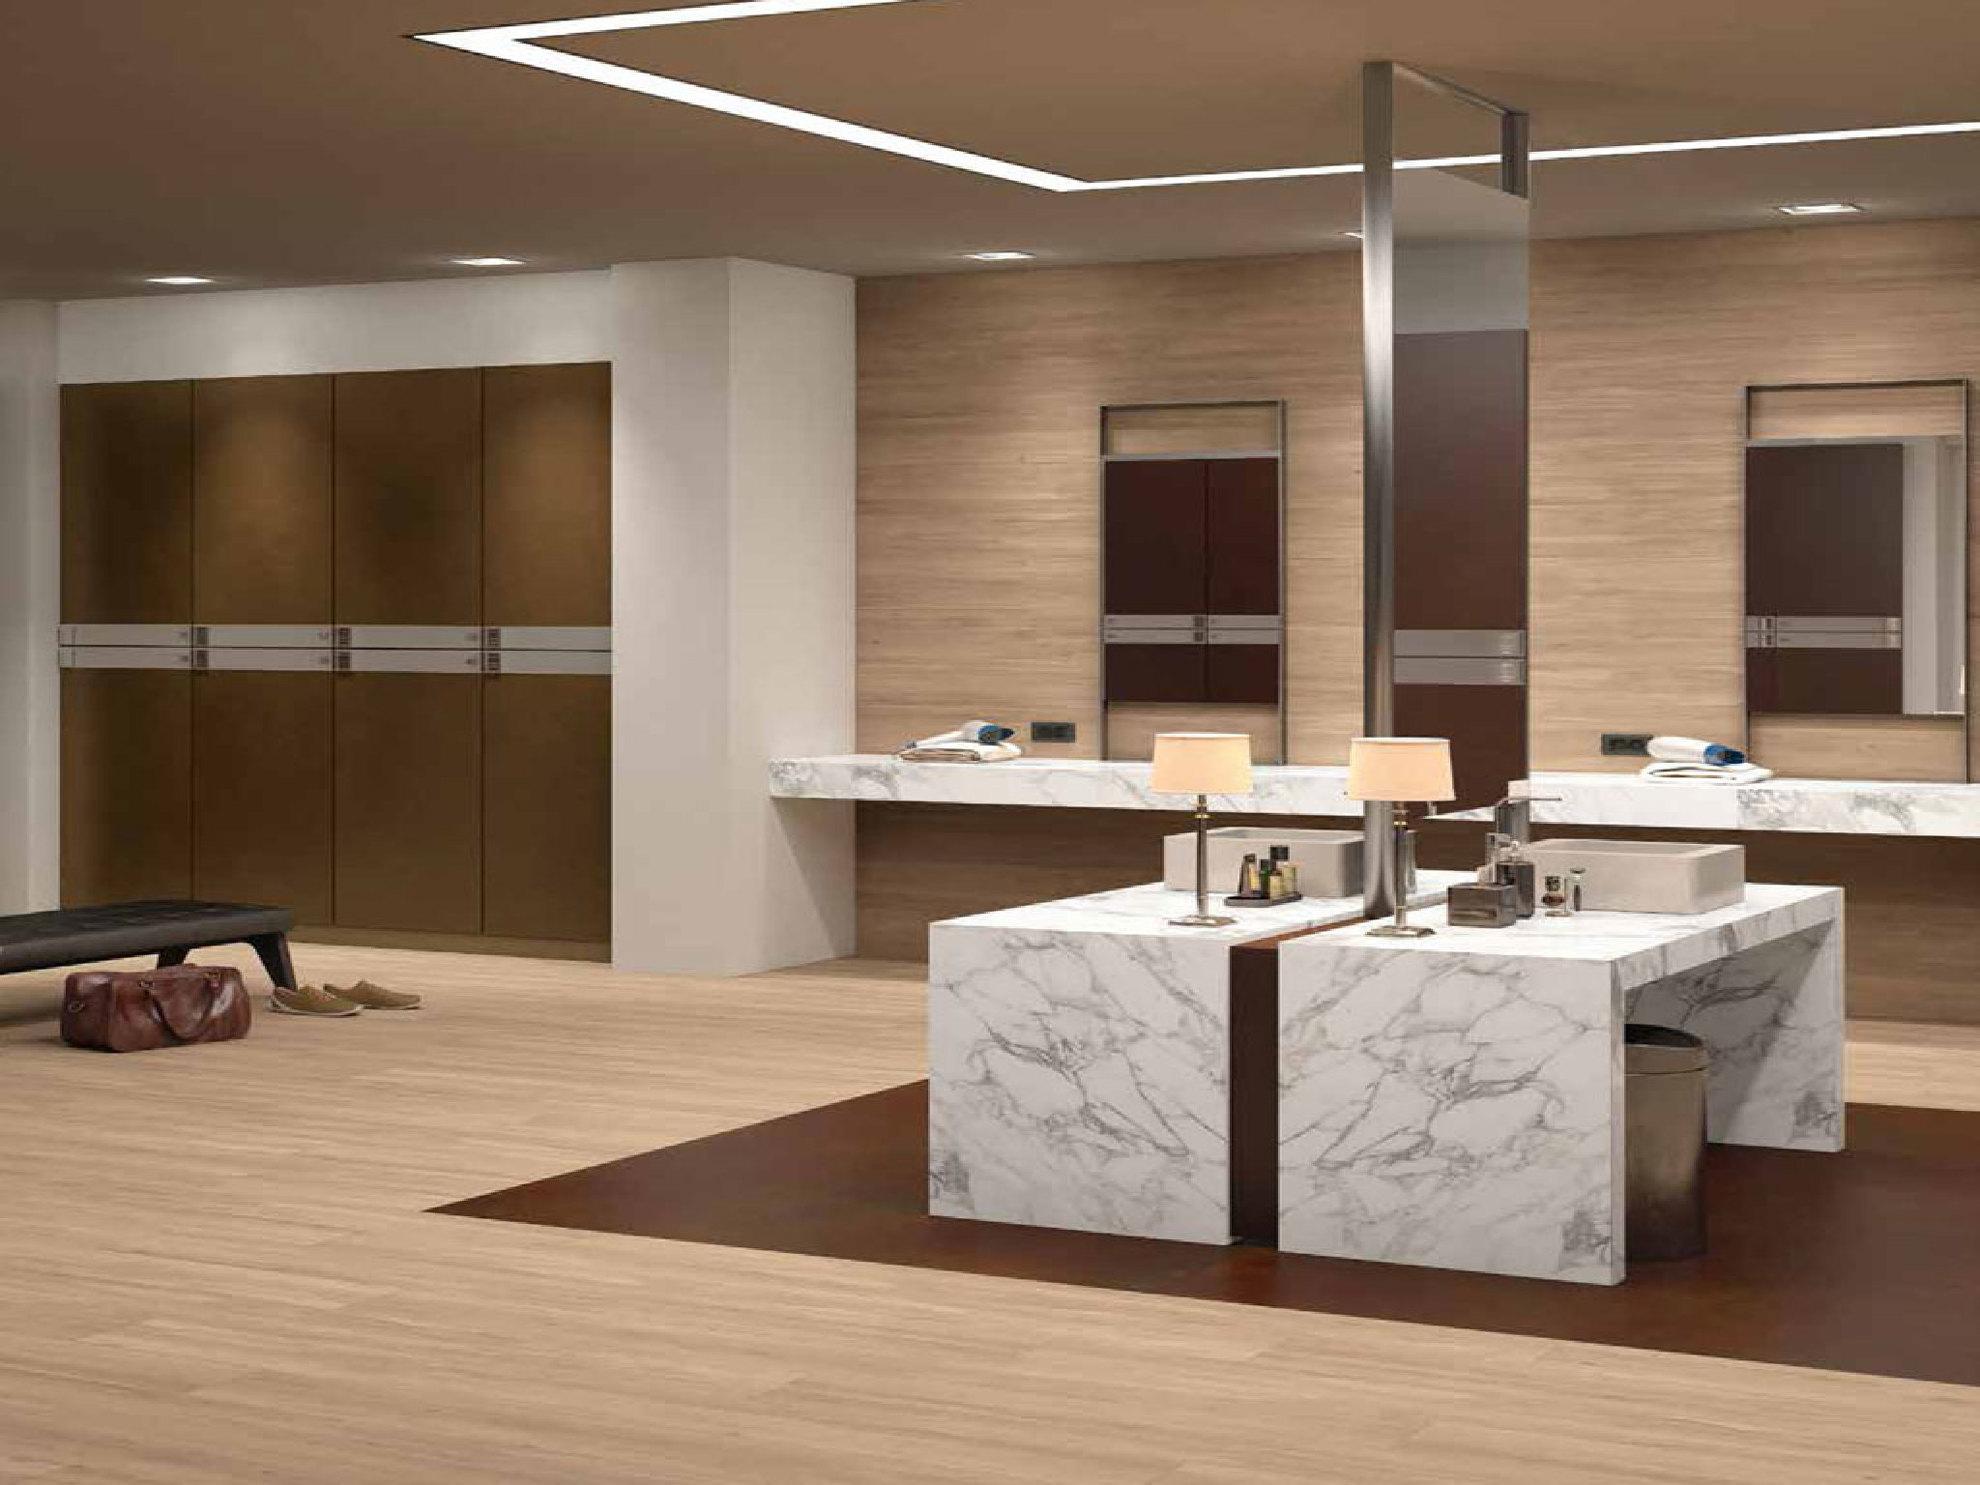 Ausgezeichnet Cumberland Küche Design Center Ri Fotos - Ideen Für ...